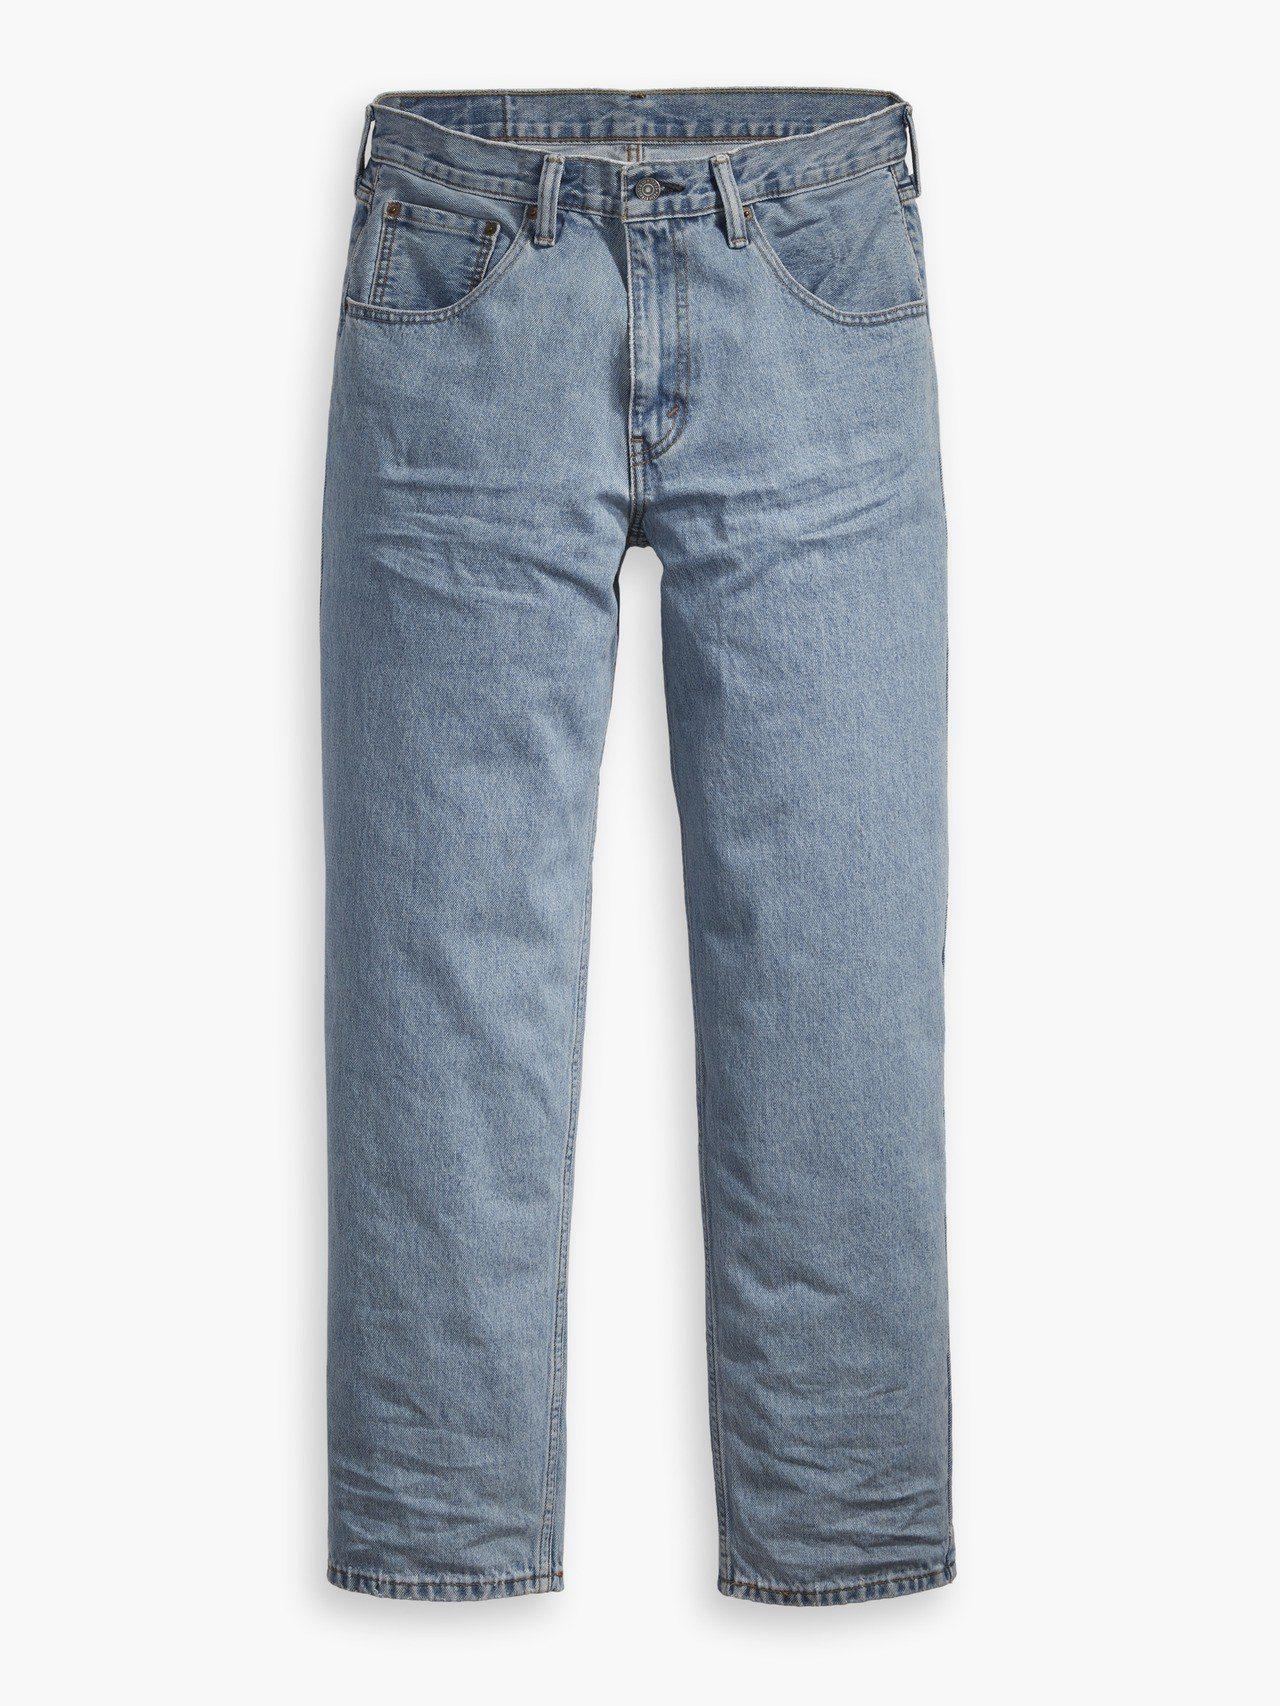 Levis銀標系列淺藍寬版工作長褲,約3,790元。圖/Levis提供